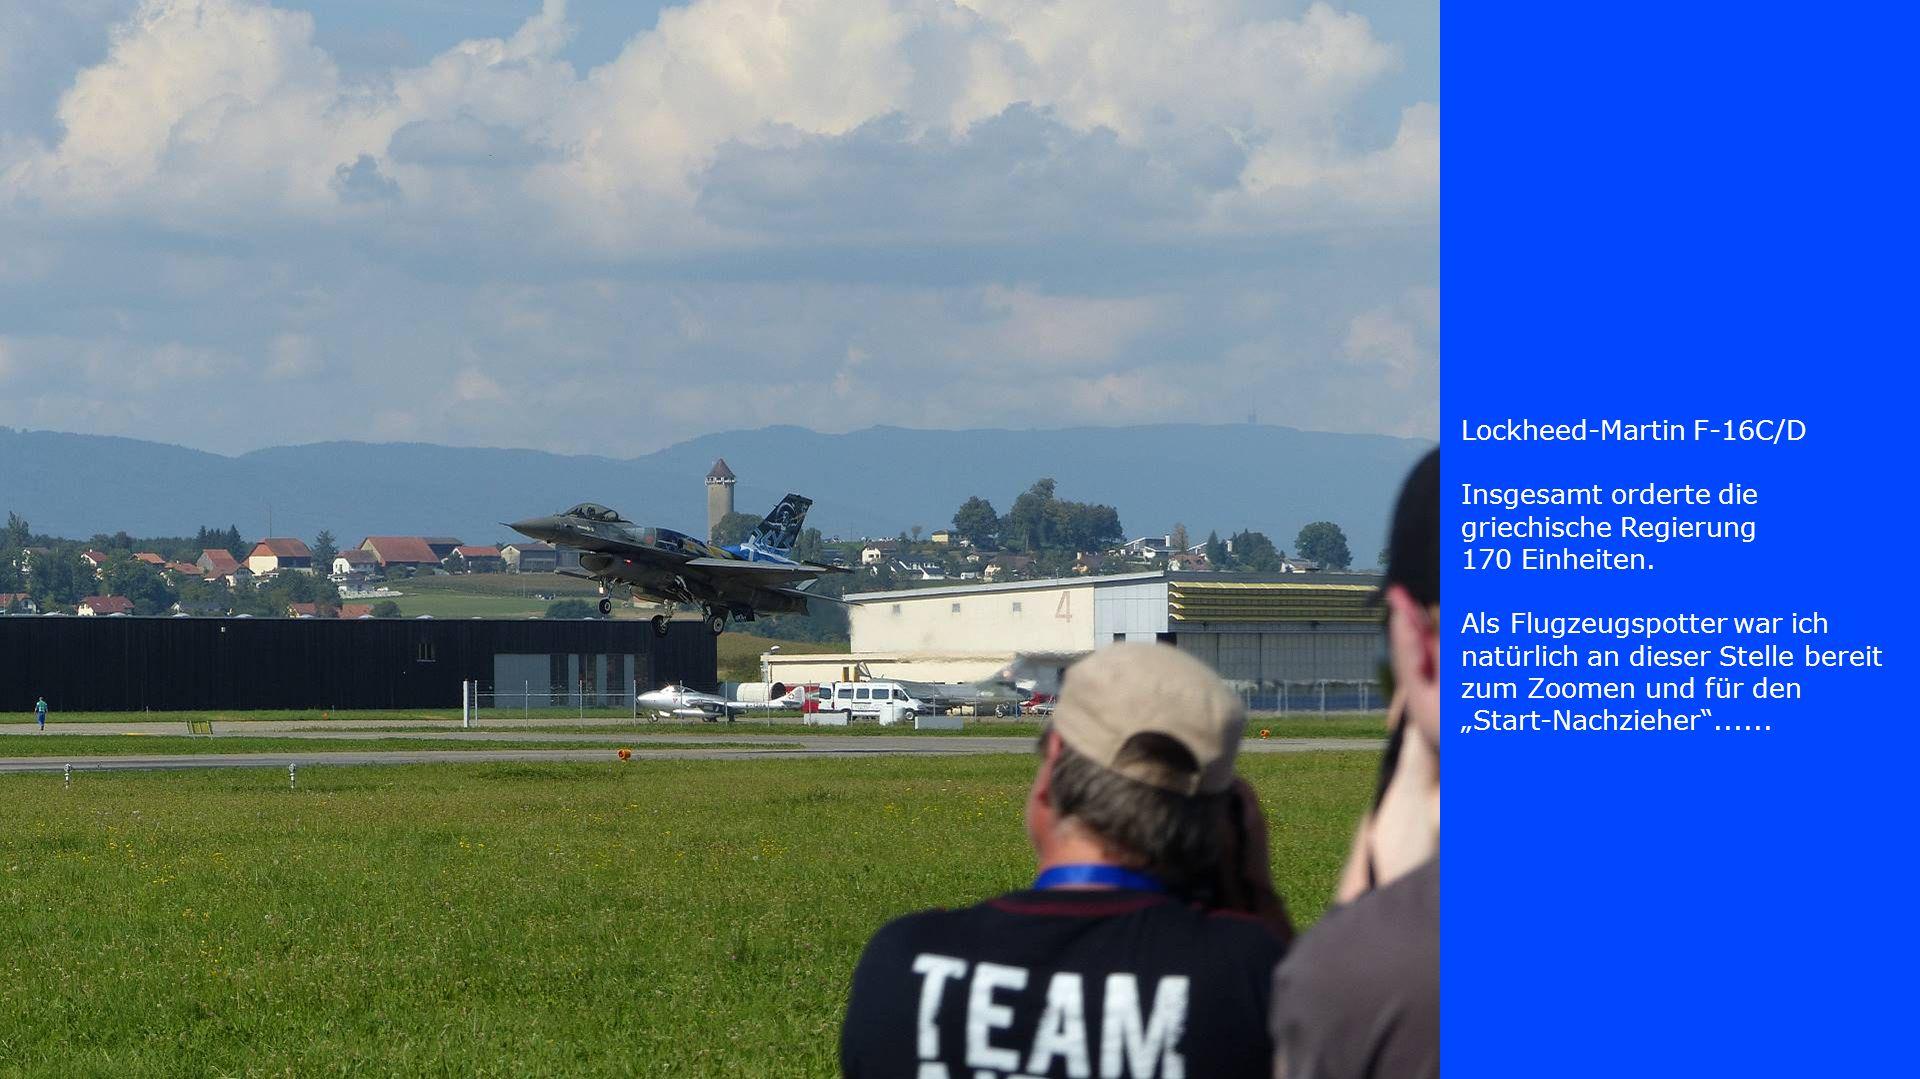 Lockheed-Martin F-16C/D Insgesamt orderte die griechische Regierung 170 Einheiten. Als Flugzeugspotter war ich natürlich an dieser Stelle bereit zum Z